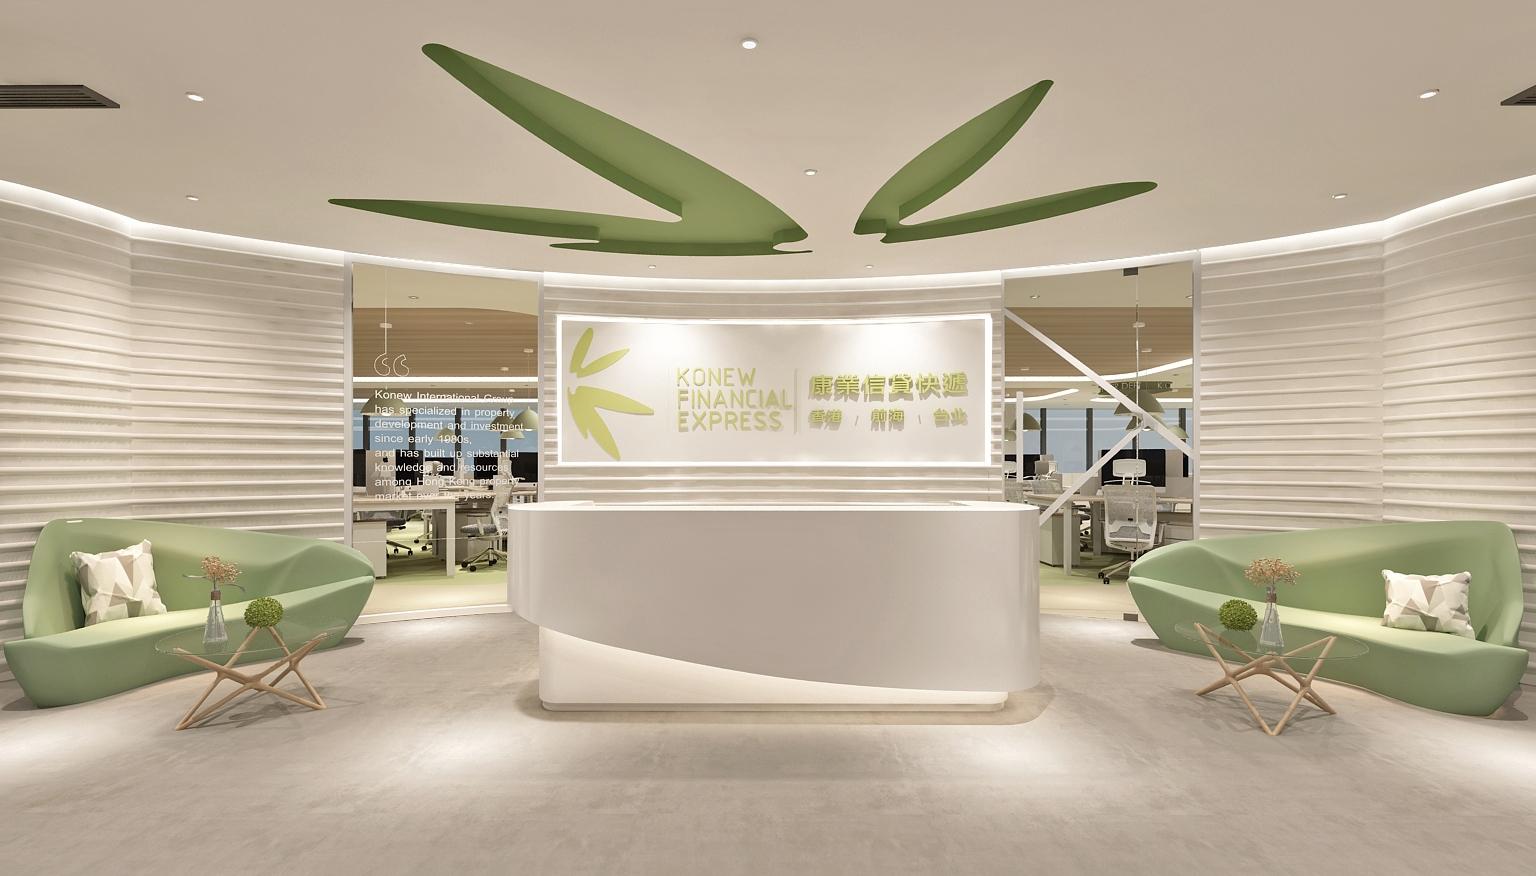 湖南长沙办公空间设计色彩的明度属性的示意图